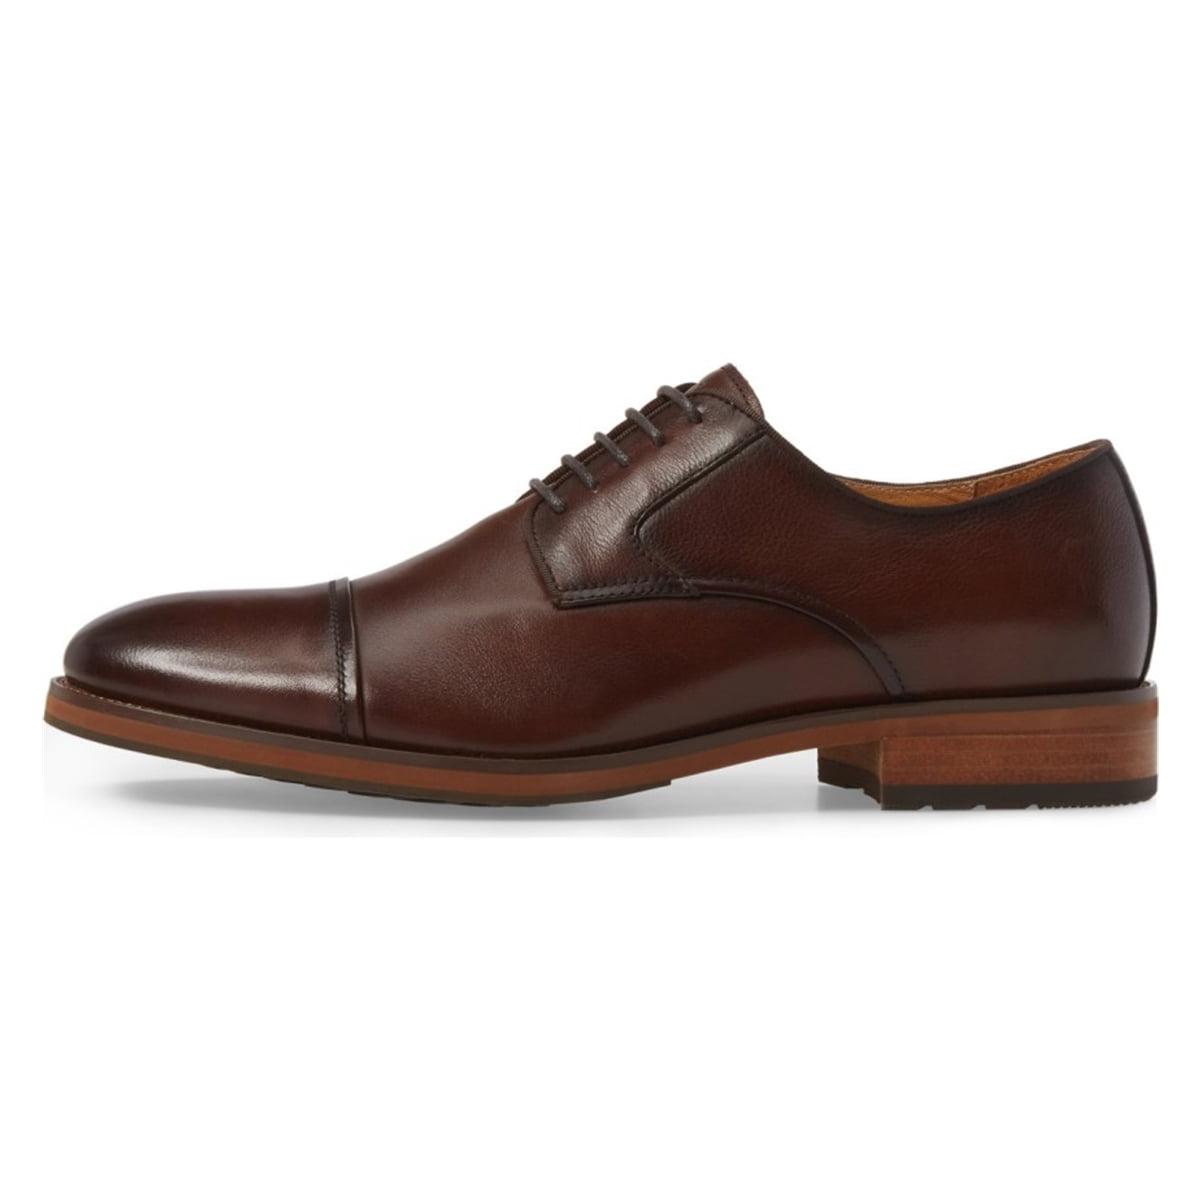 Florsheim M Blaze Cap Toe Oxford Shoes